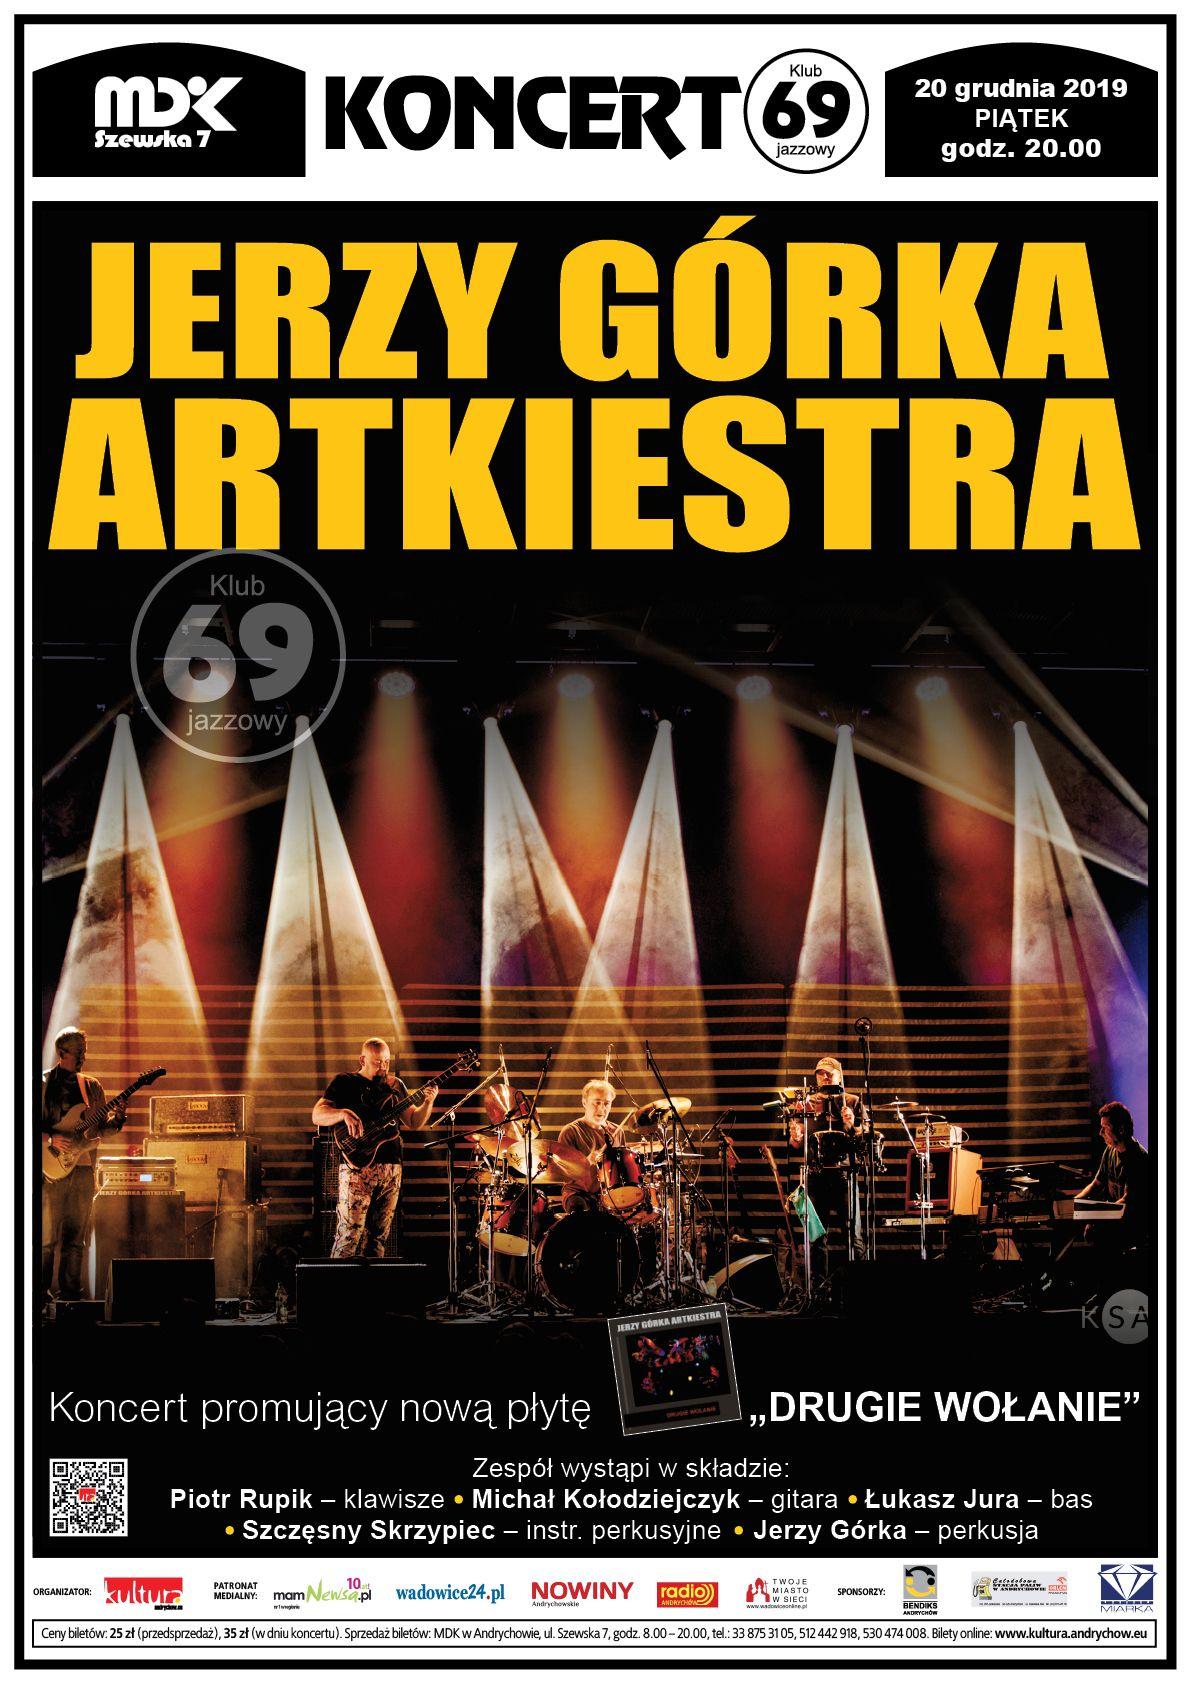 Jerzy Górka ARTKIESTRA - koncert w Andrychowie